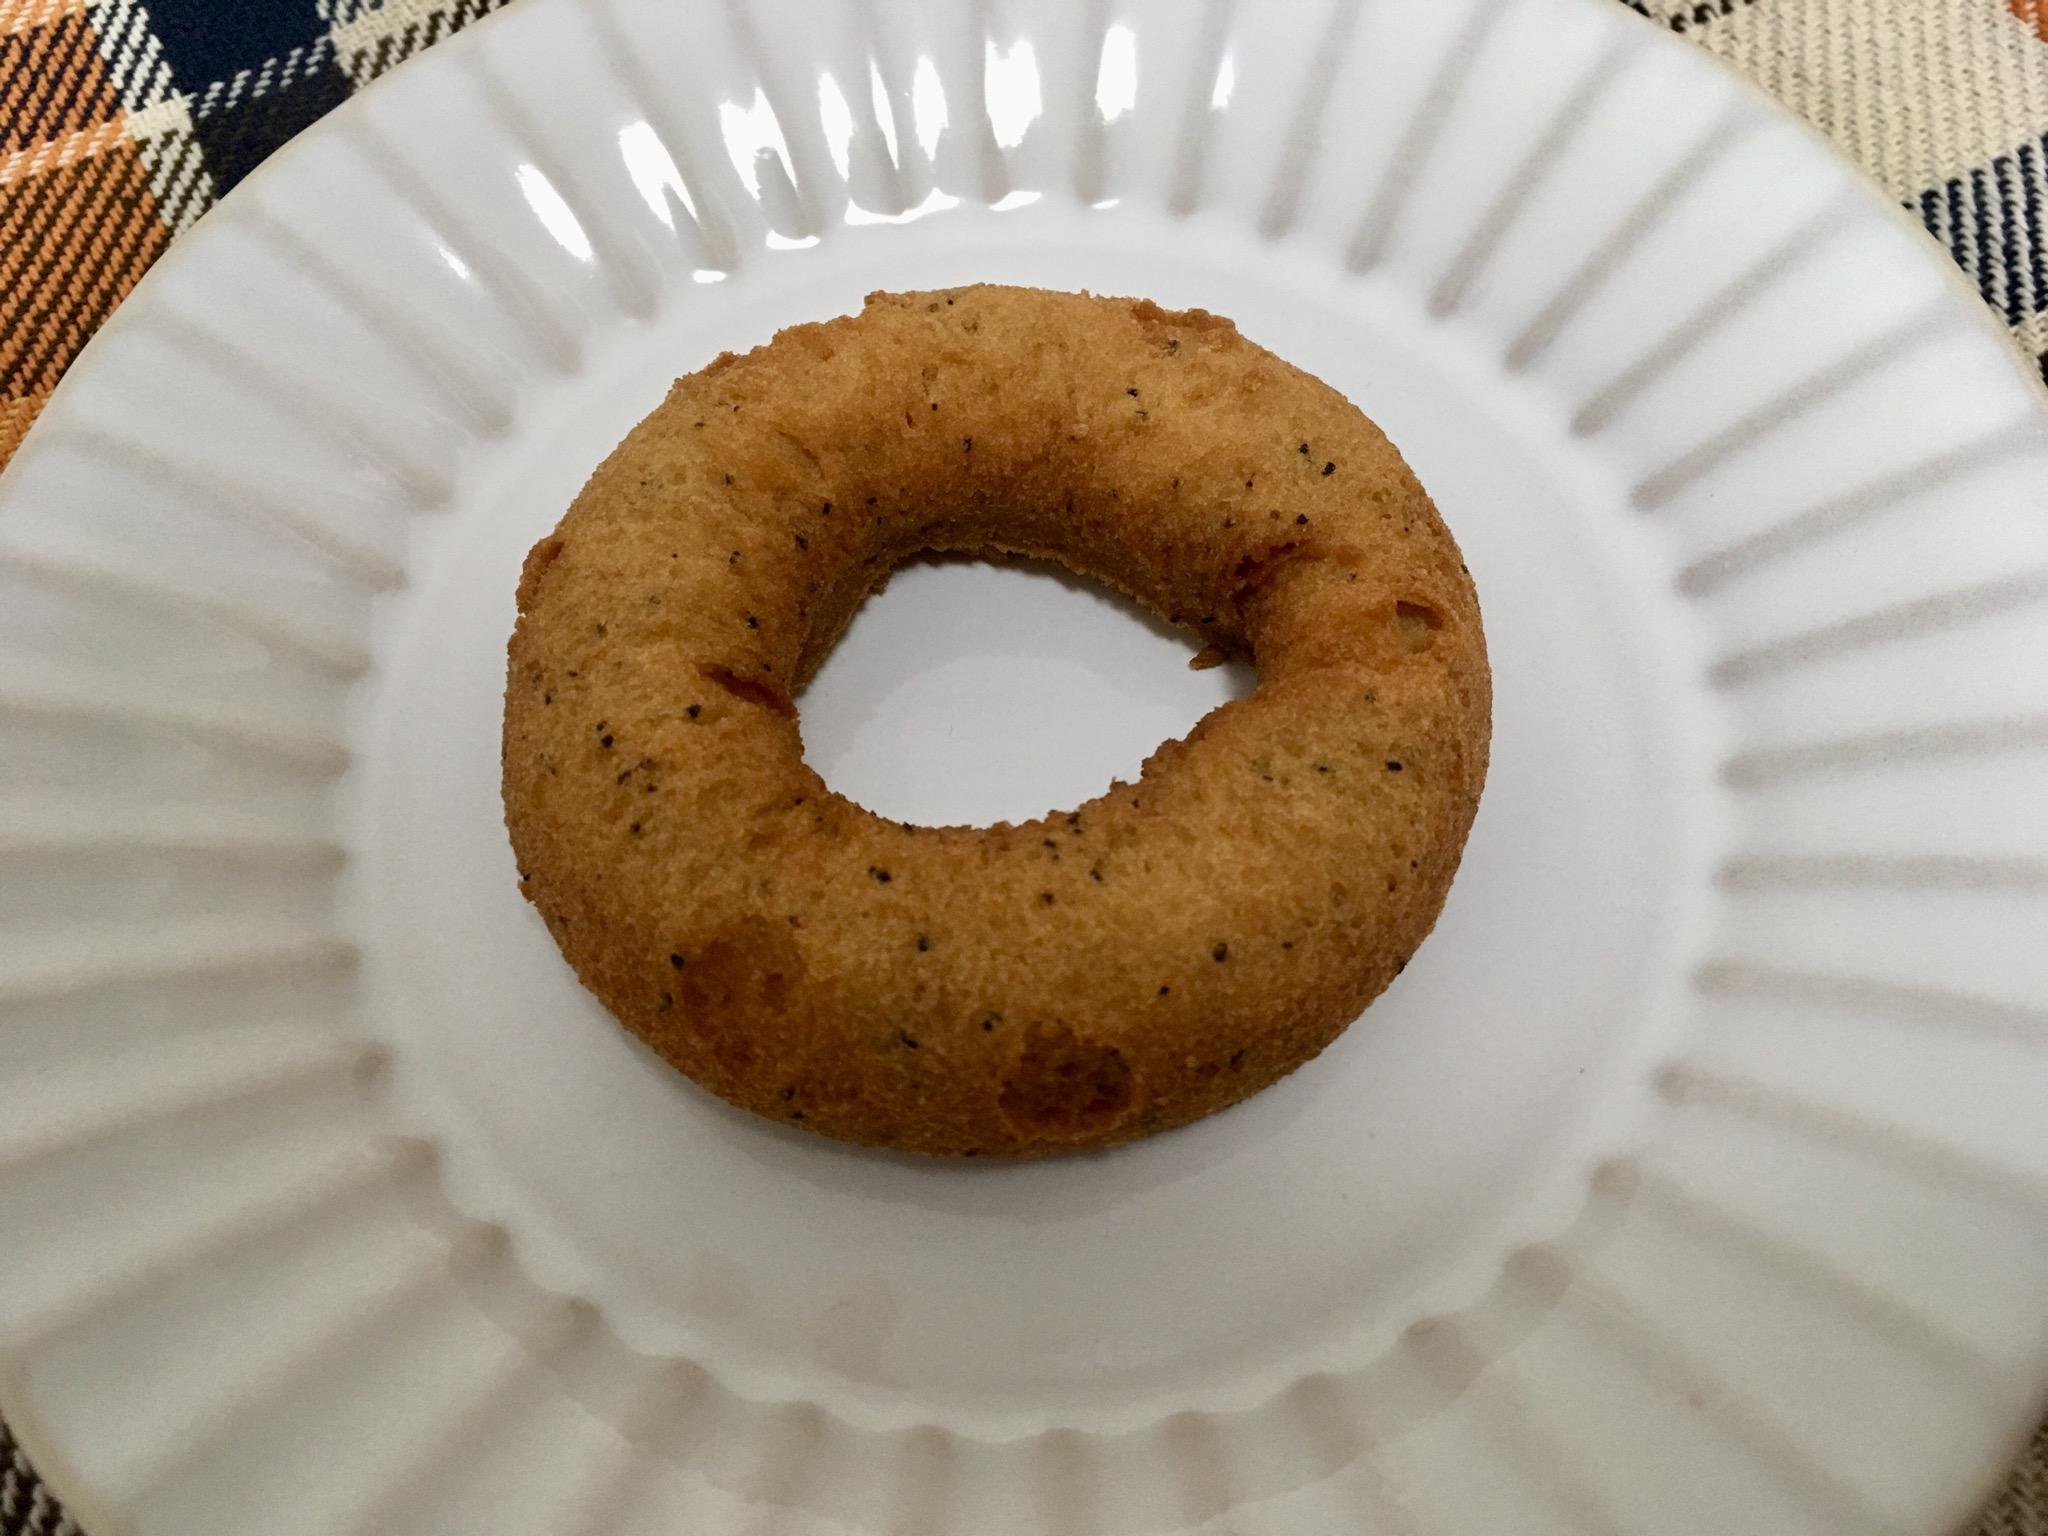 無印良品の糖質10g以下のお菓子 紅茶ドーナツ